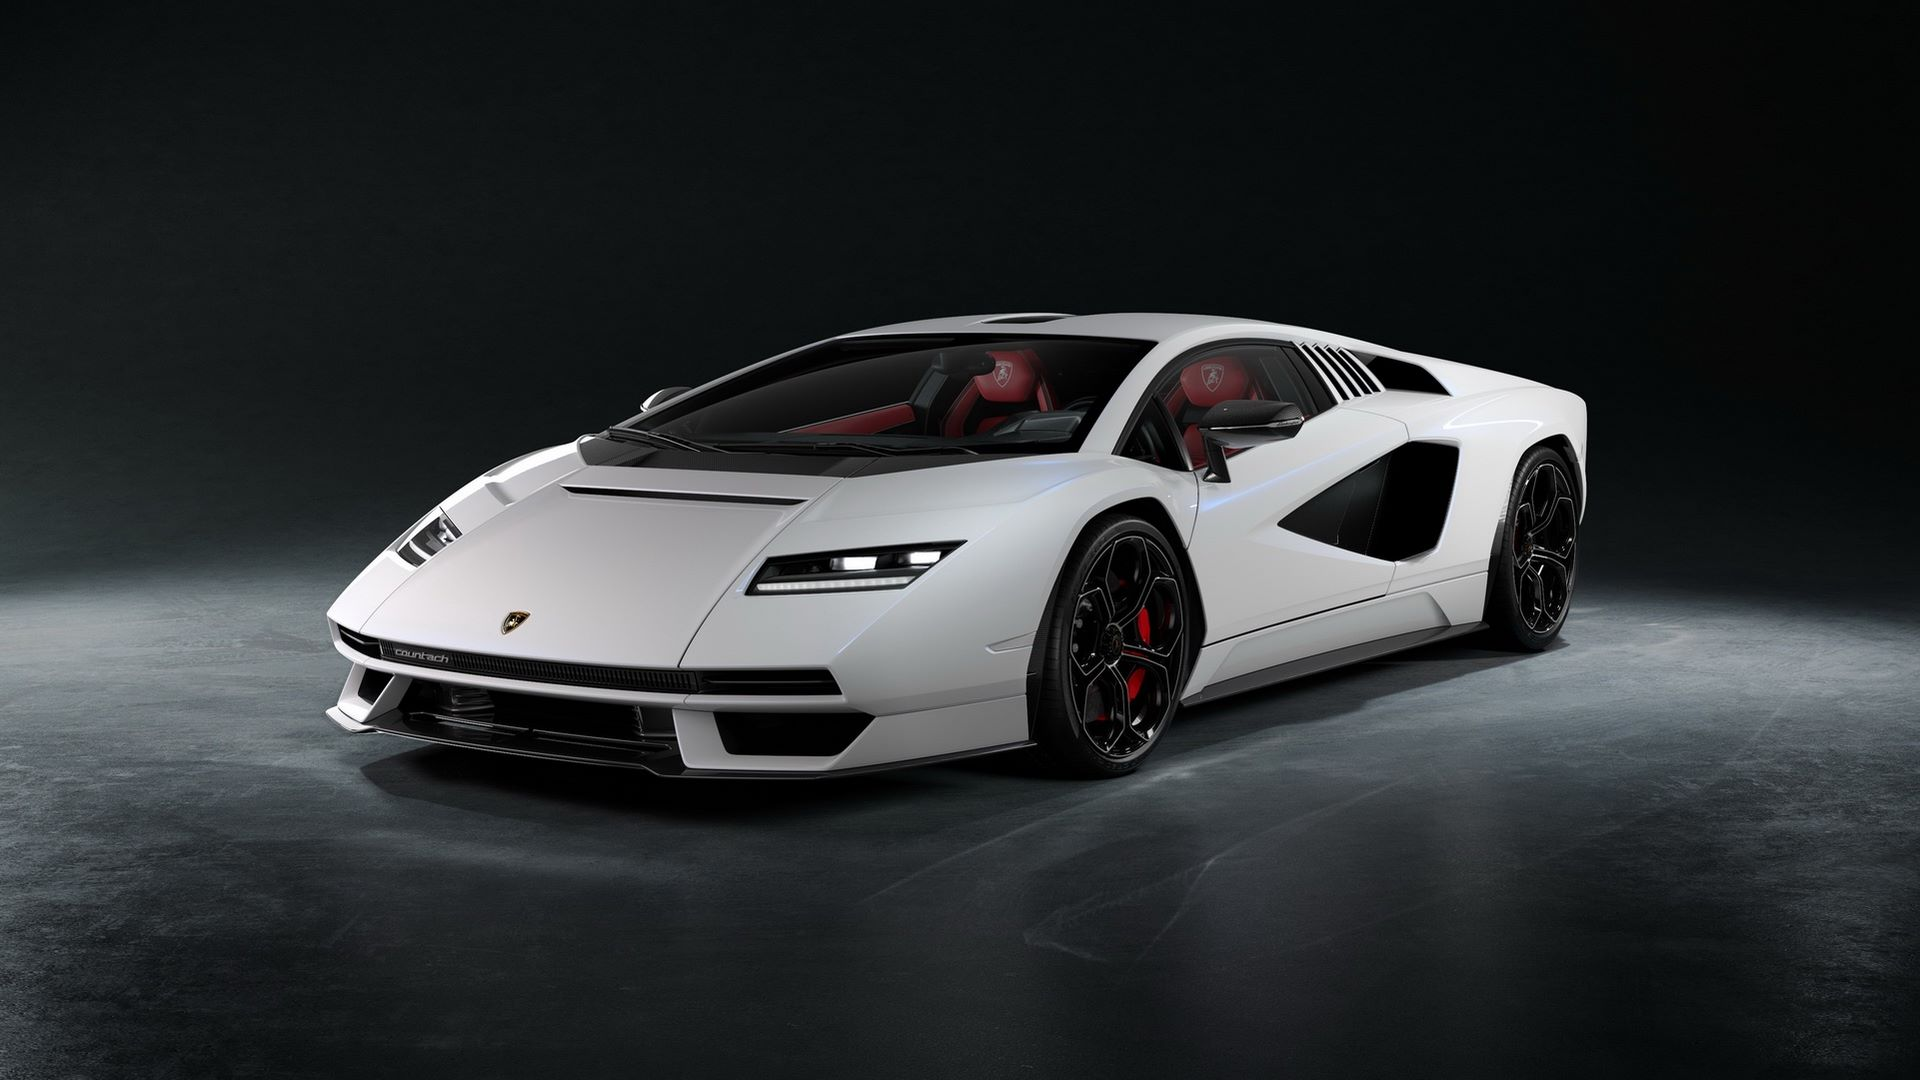 Lamborghini-Countach-LPI-800-4-42